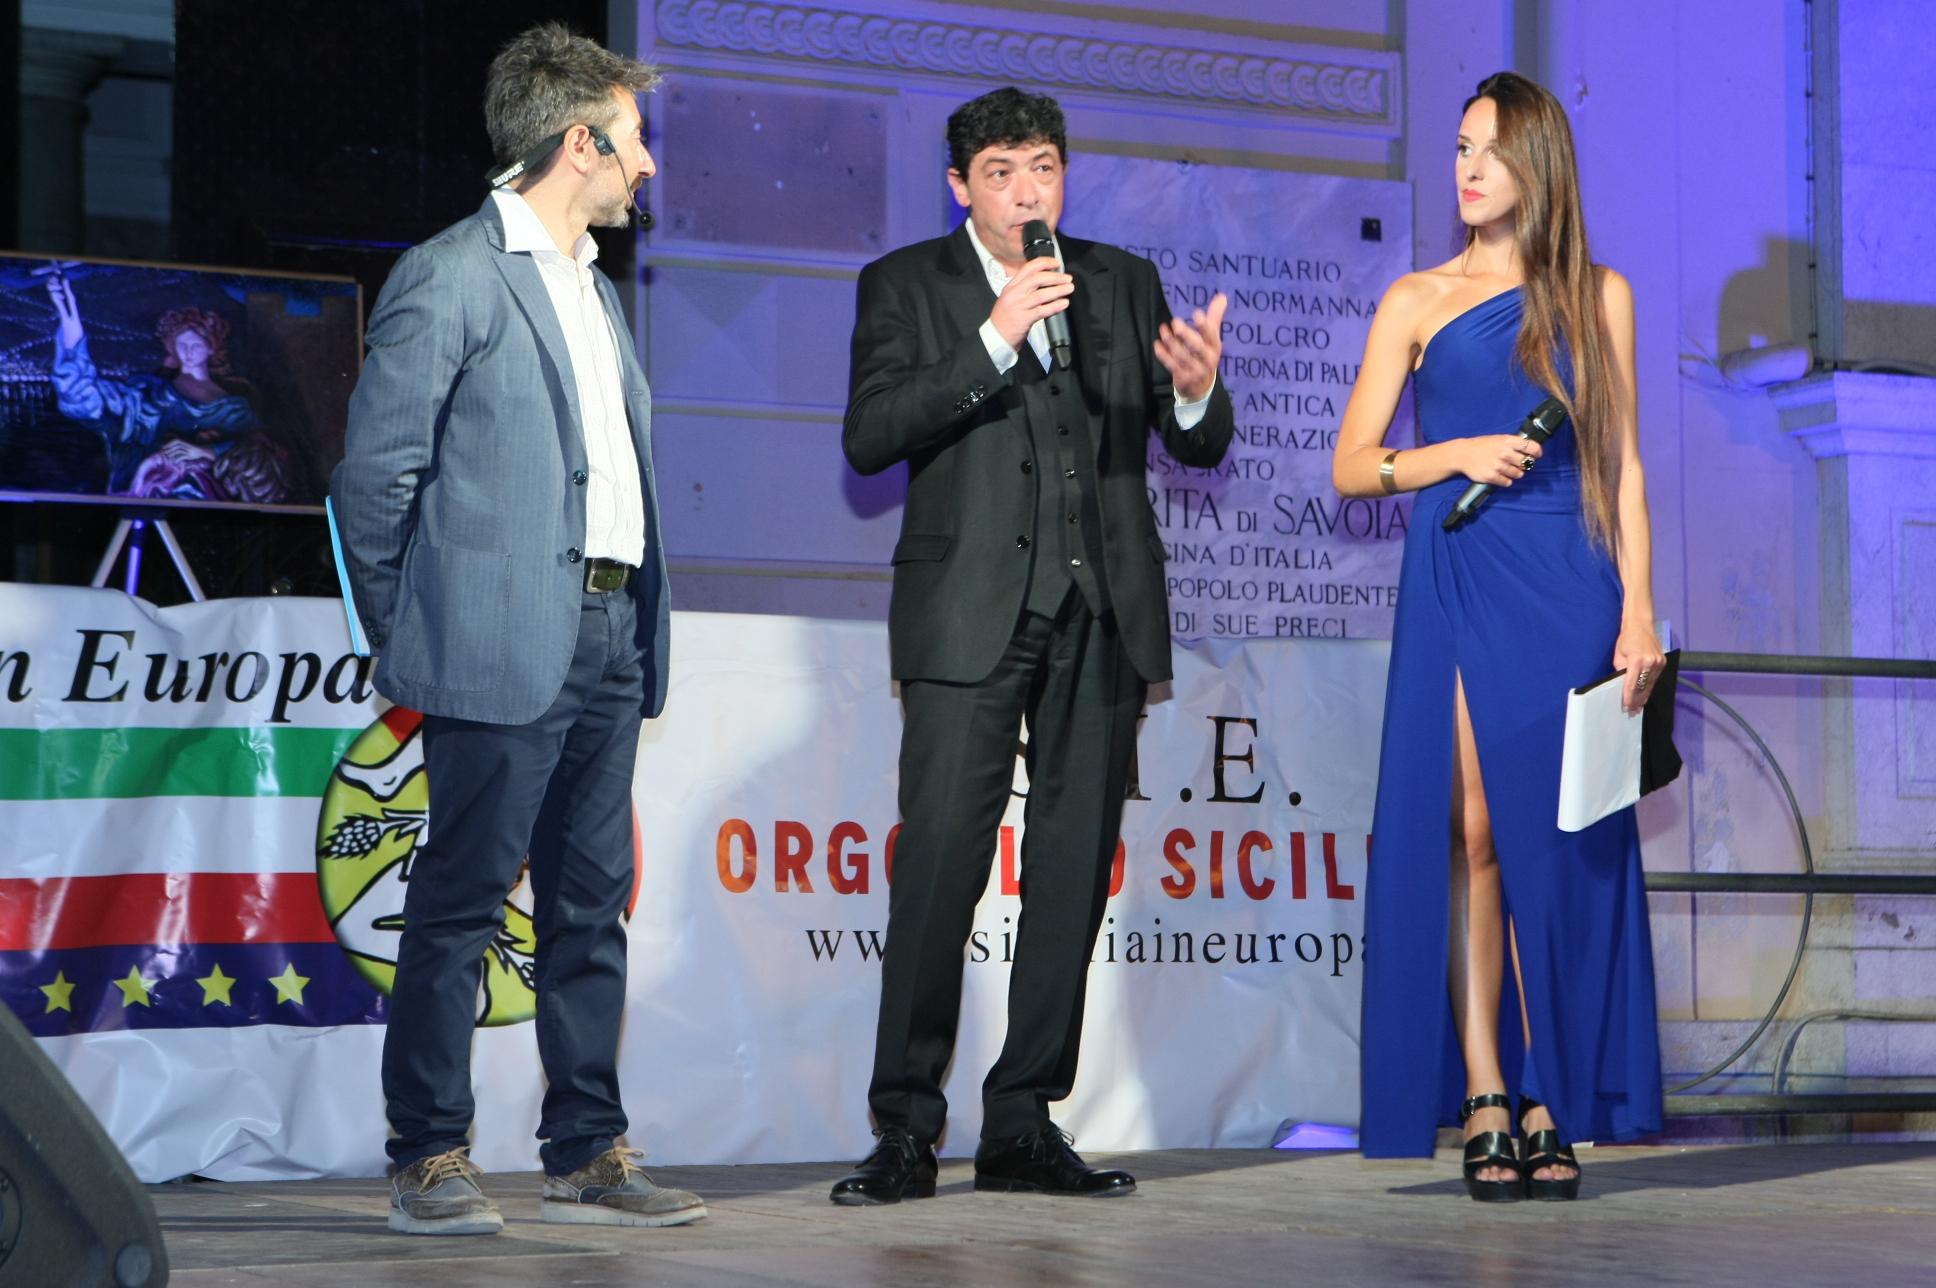 Al Premio 'Orgoglio Siciliano' l'eccellenza dolciaria di Fiasconaro si aggiudica una menzione speciale